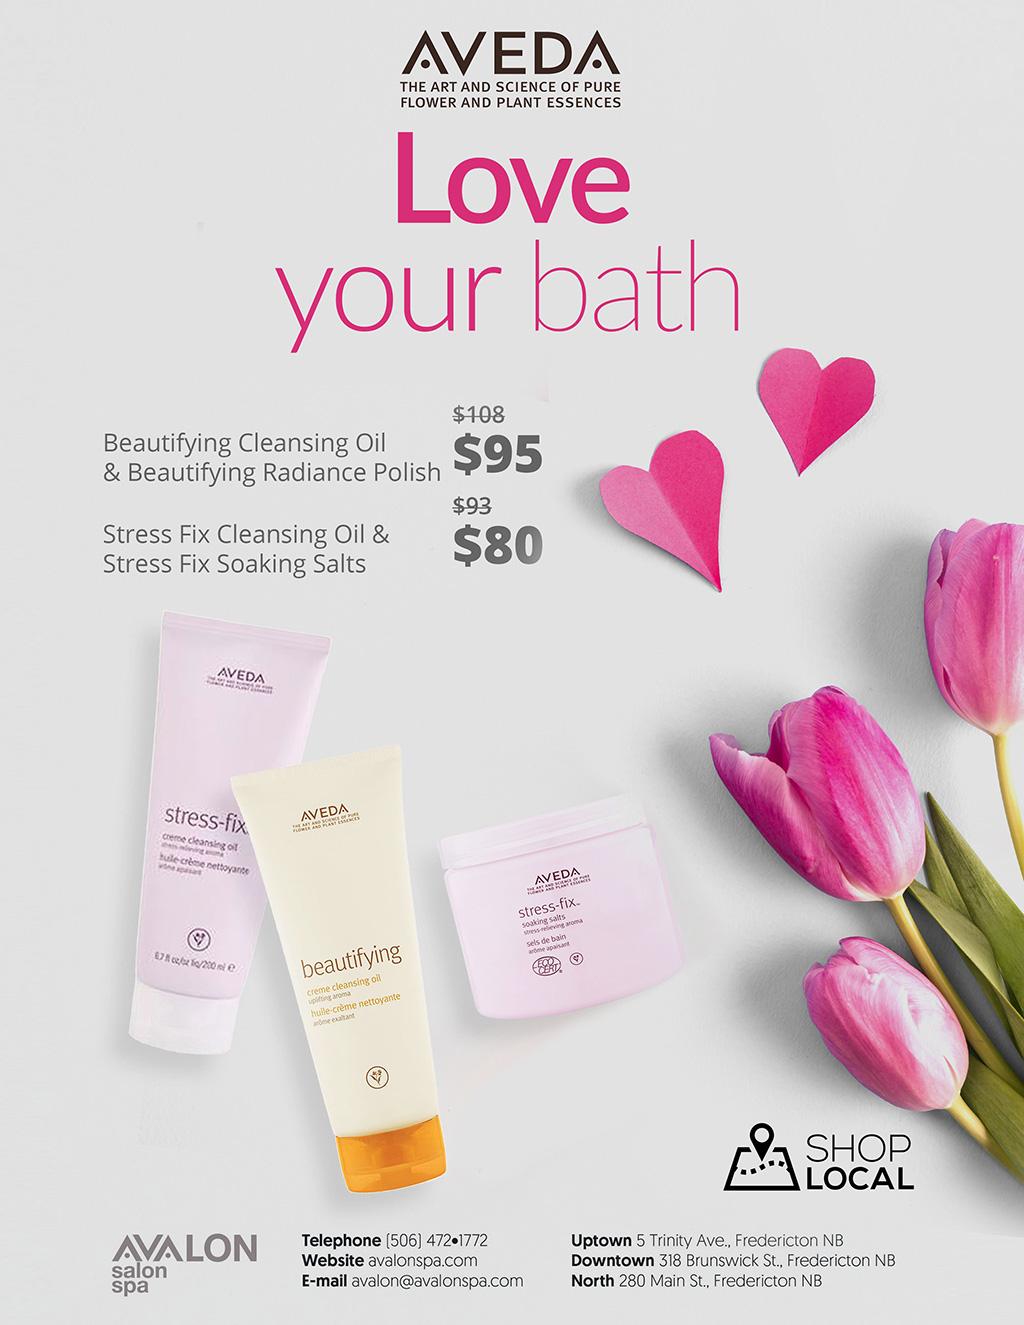 Love-Your-bath-avalon